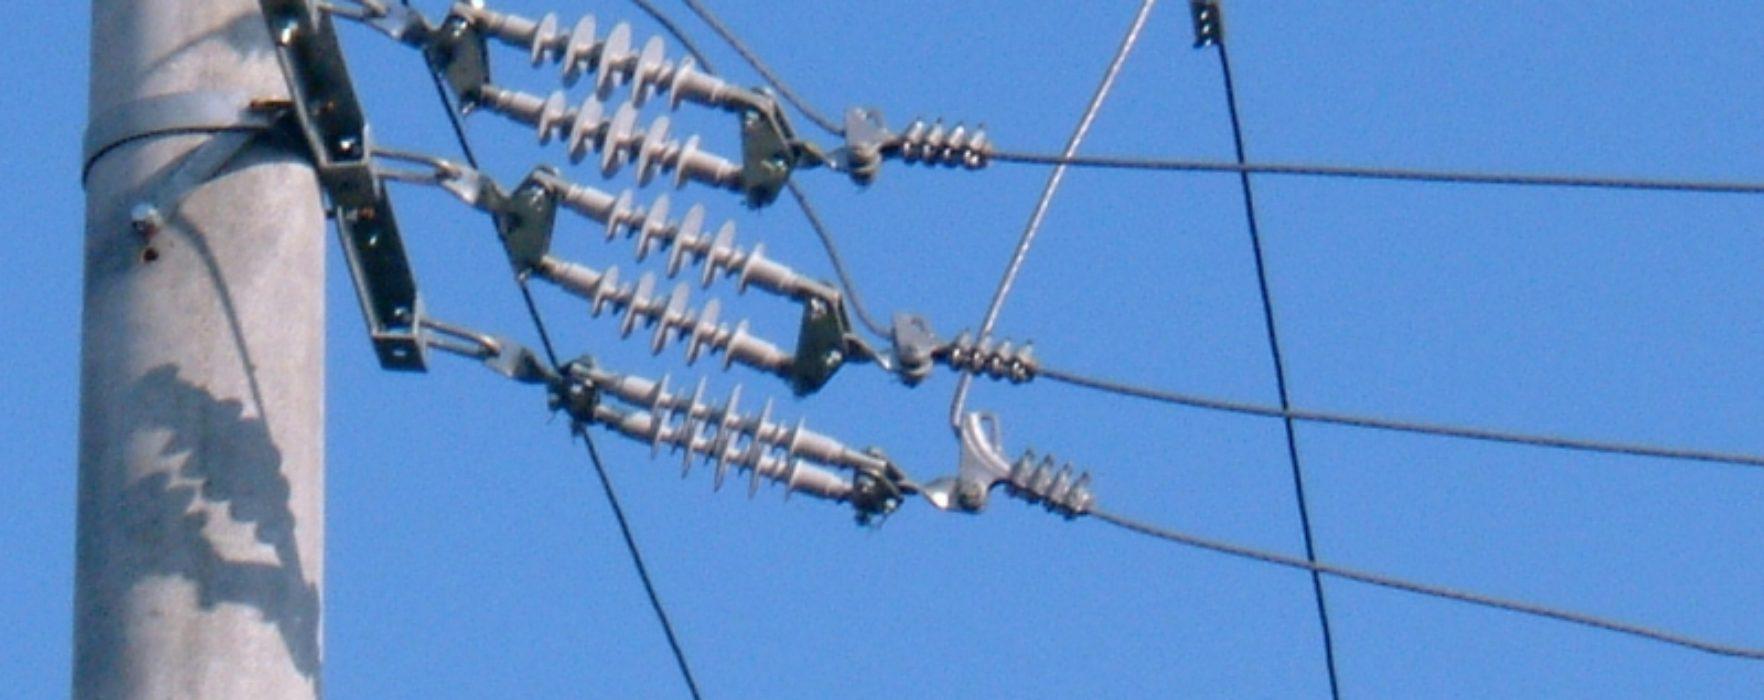 84 de deranjamente colective în alimentarea cu energie electrică